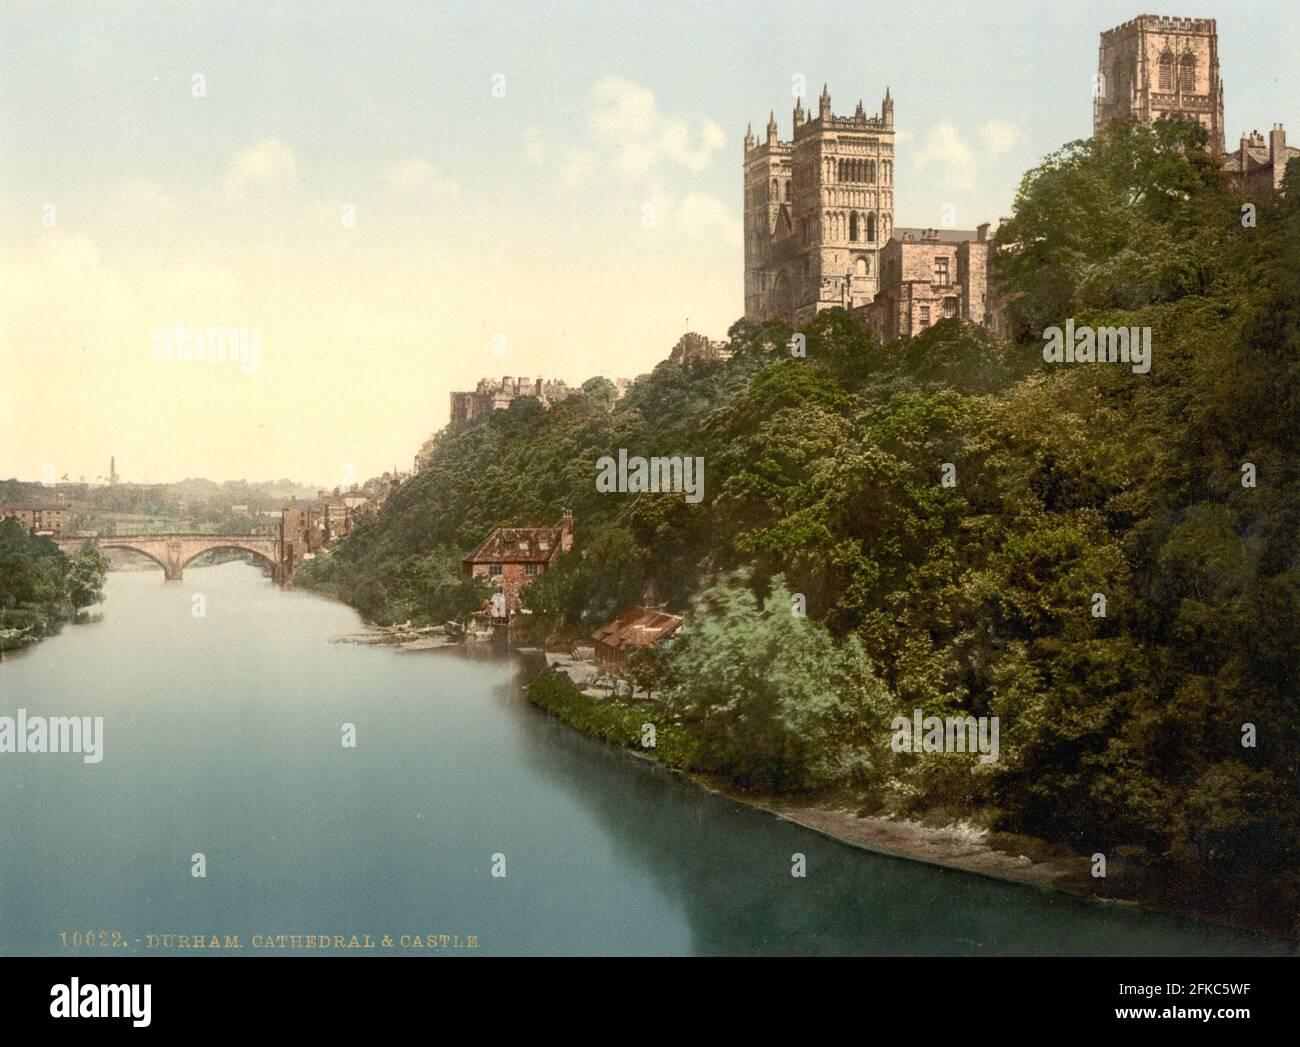 La catedral de Durham y el río Wear alrededor de 1890-1900 Foto de stock